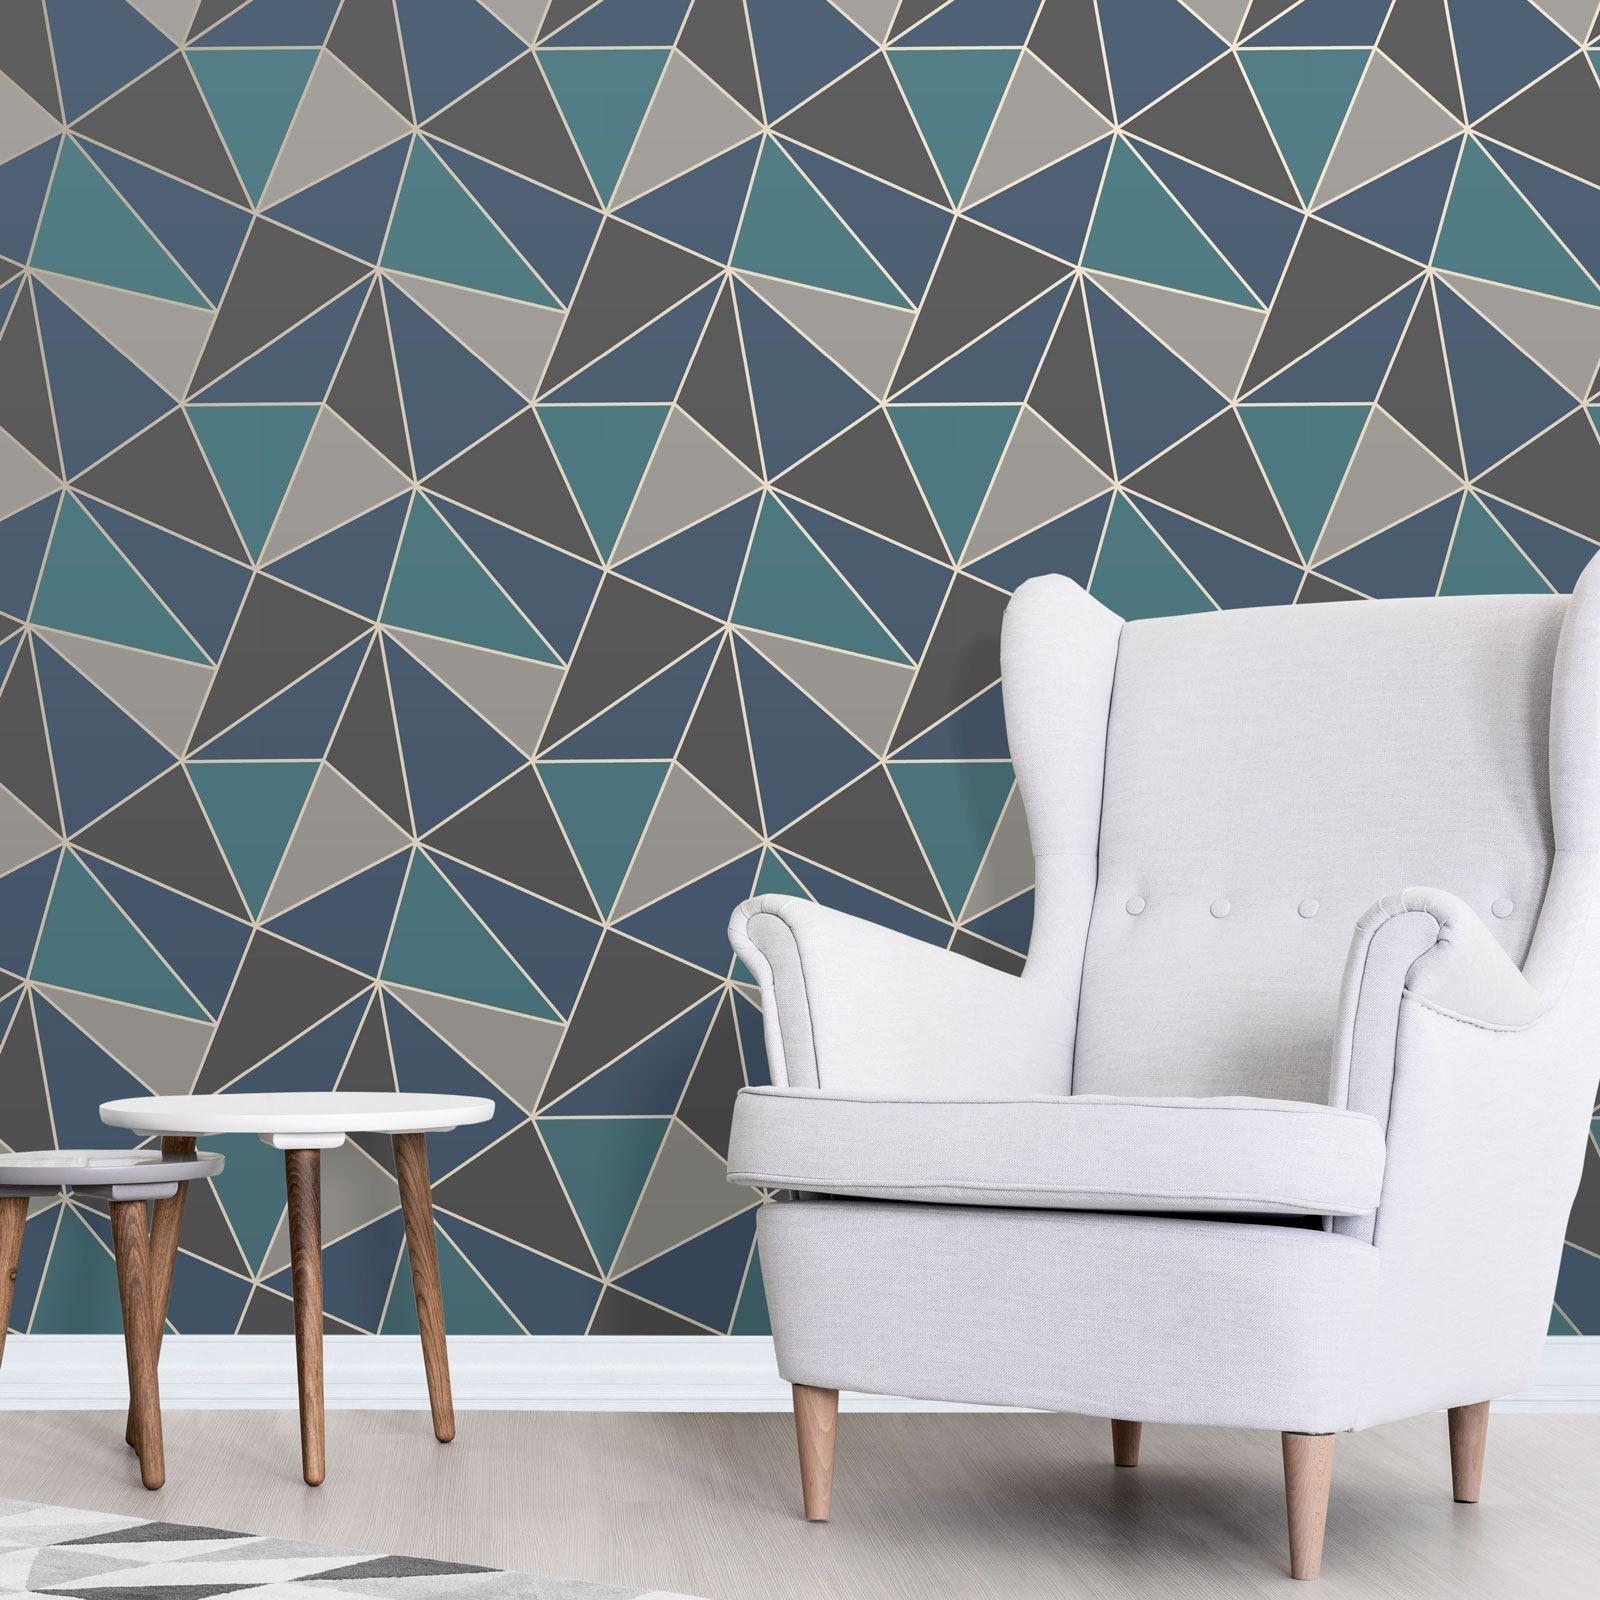 Amazon UK & Teal Wallpaper for Living Room: Amazon.co.uk